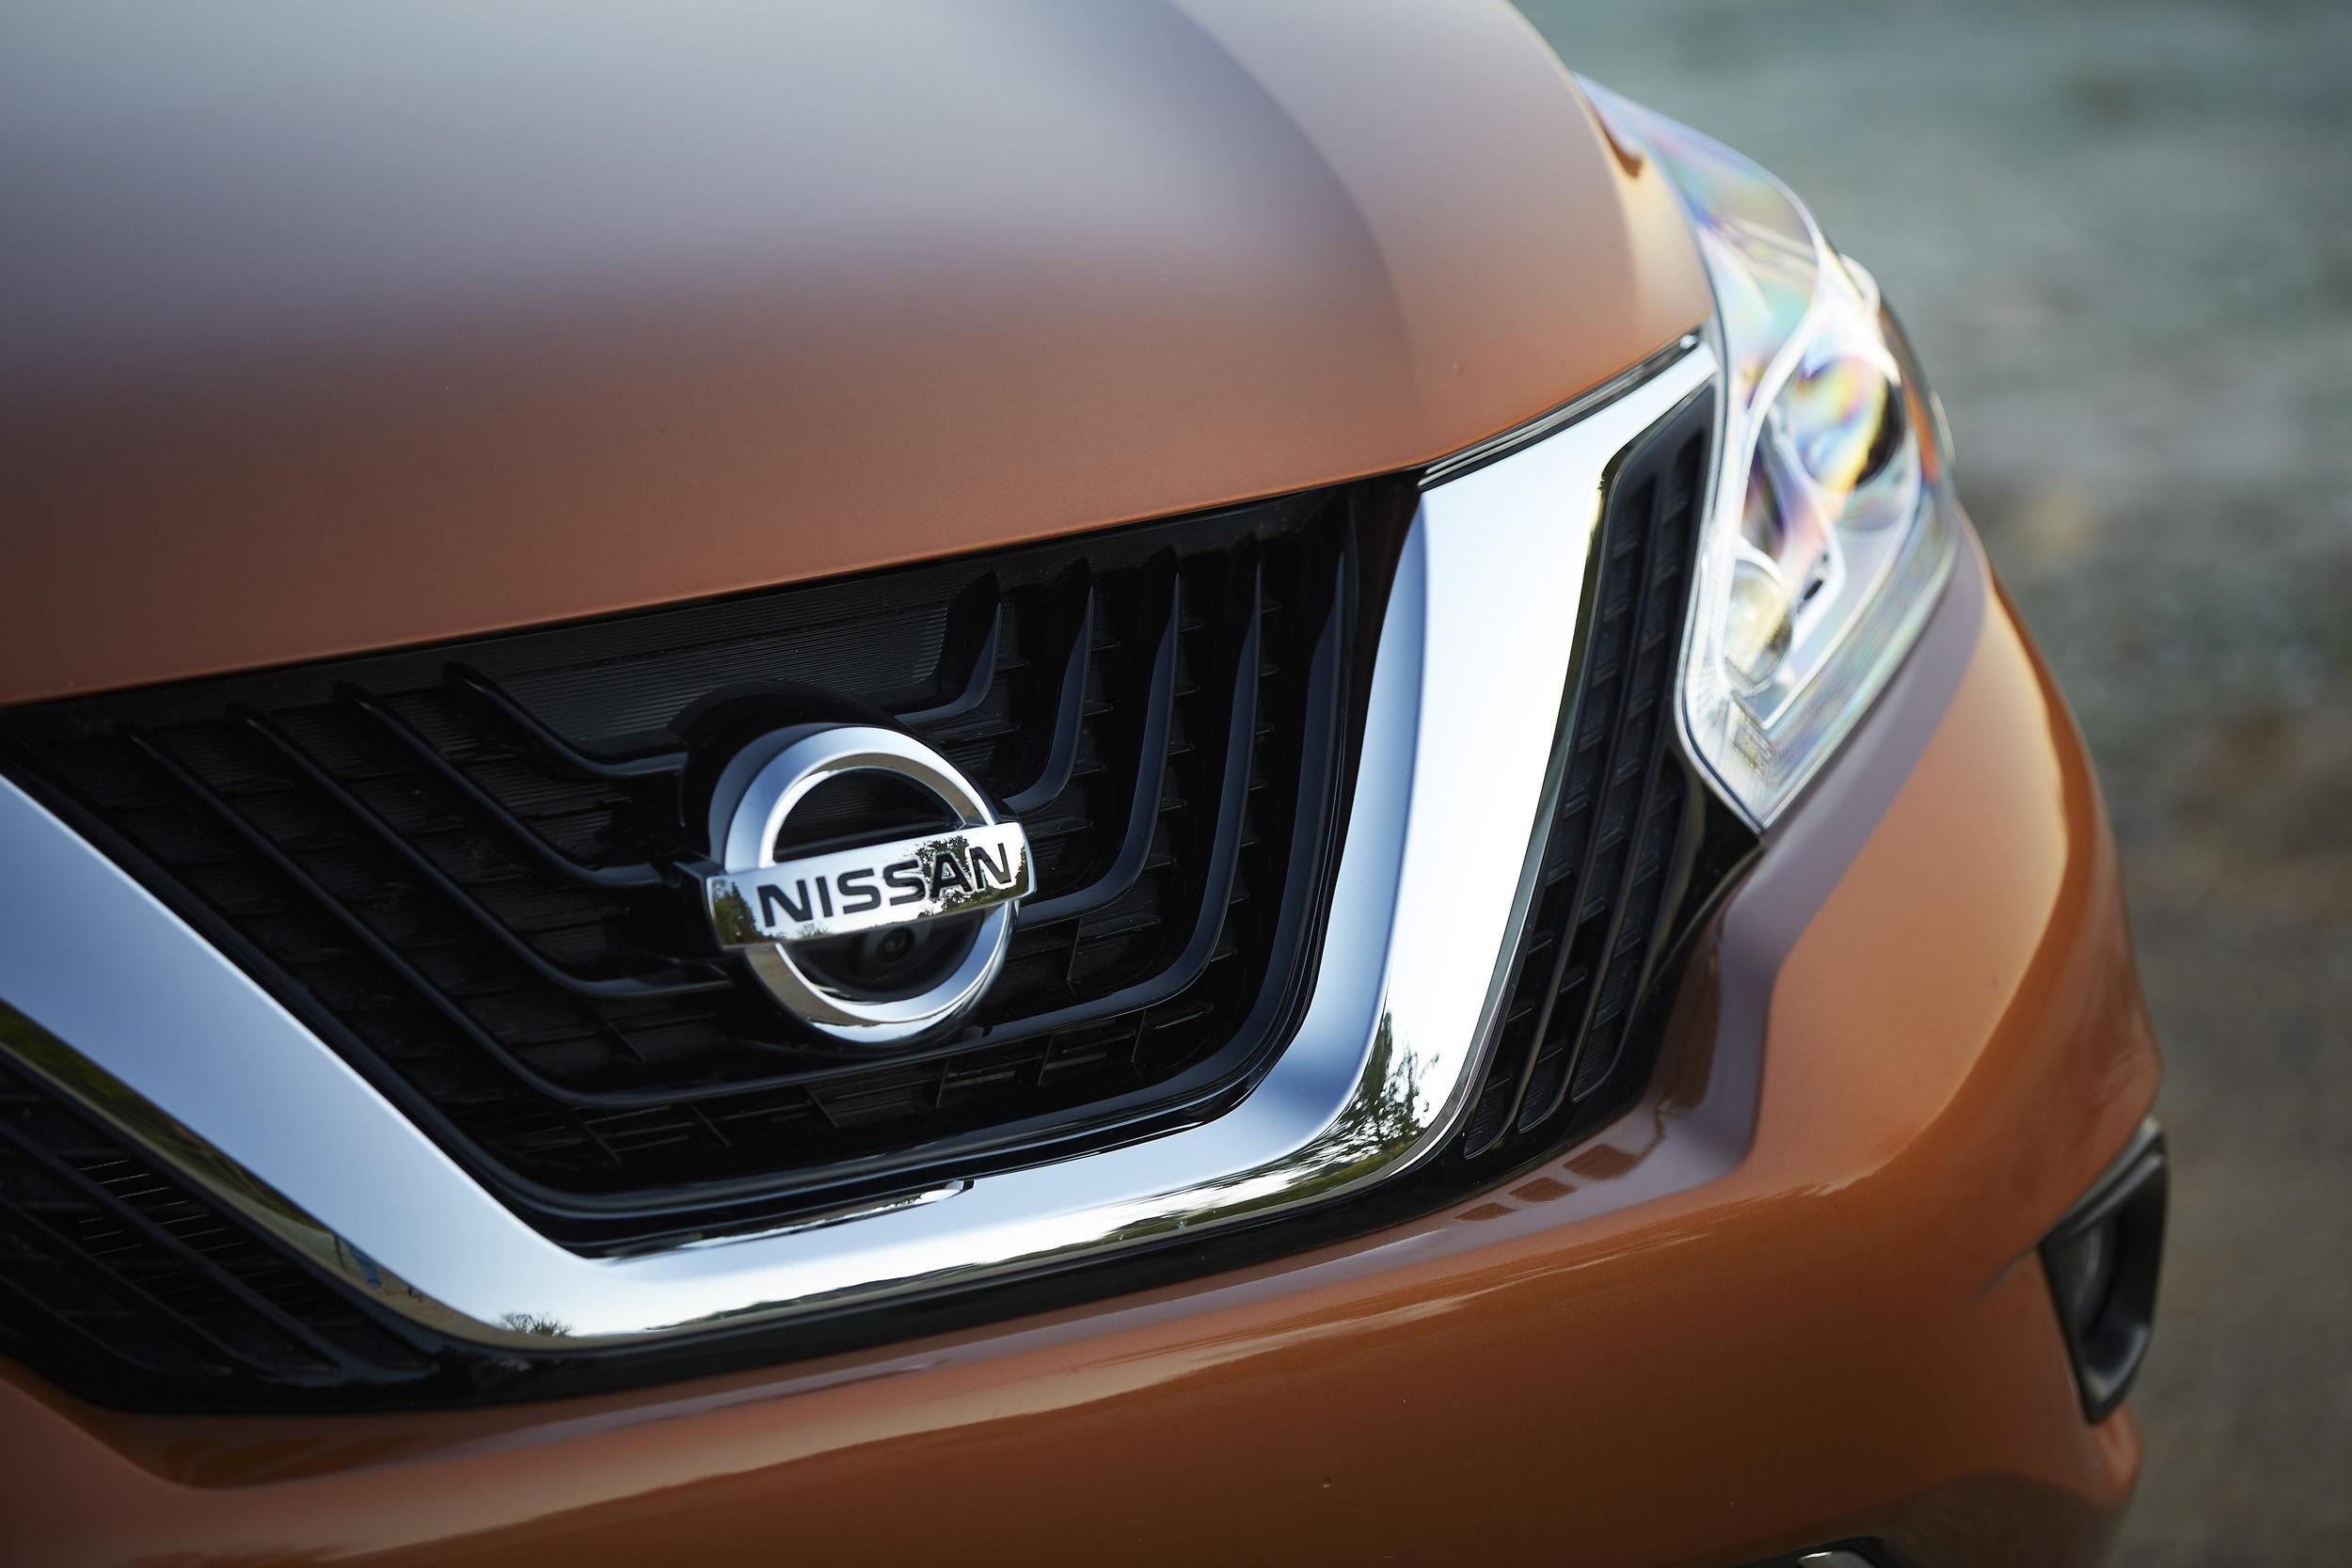 2015_Nissan_Murano_11 (1).jpg